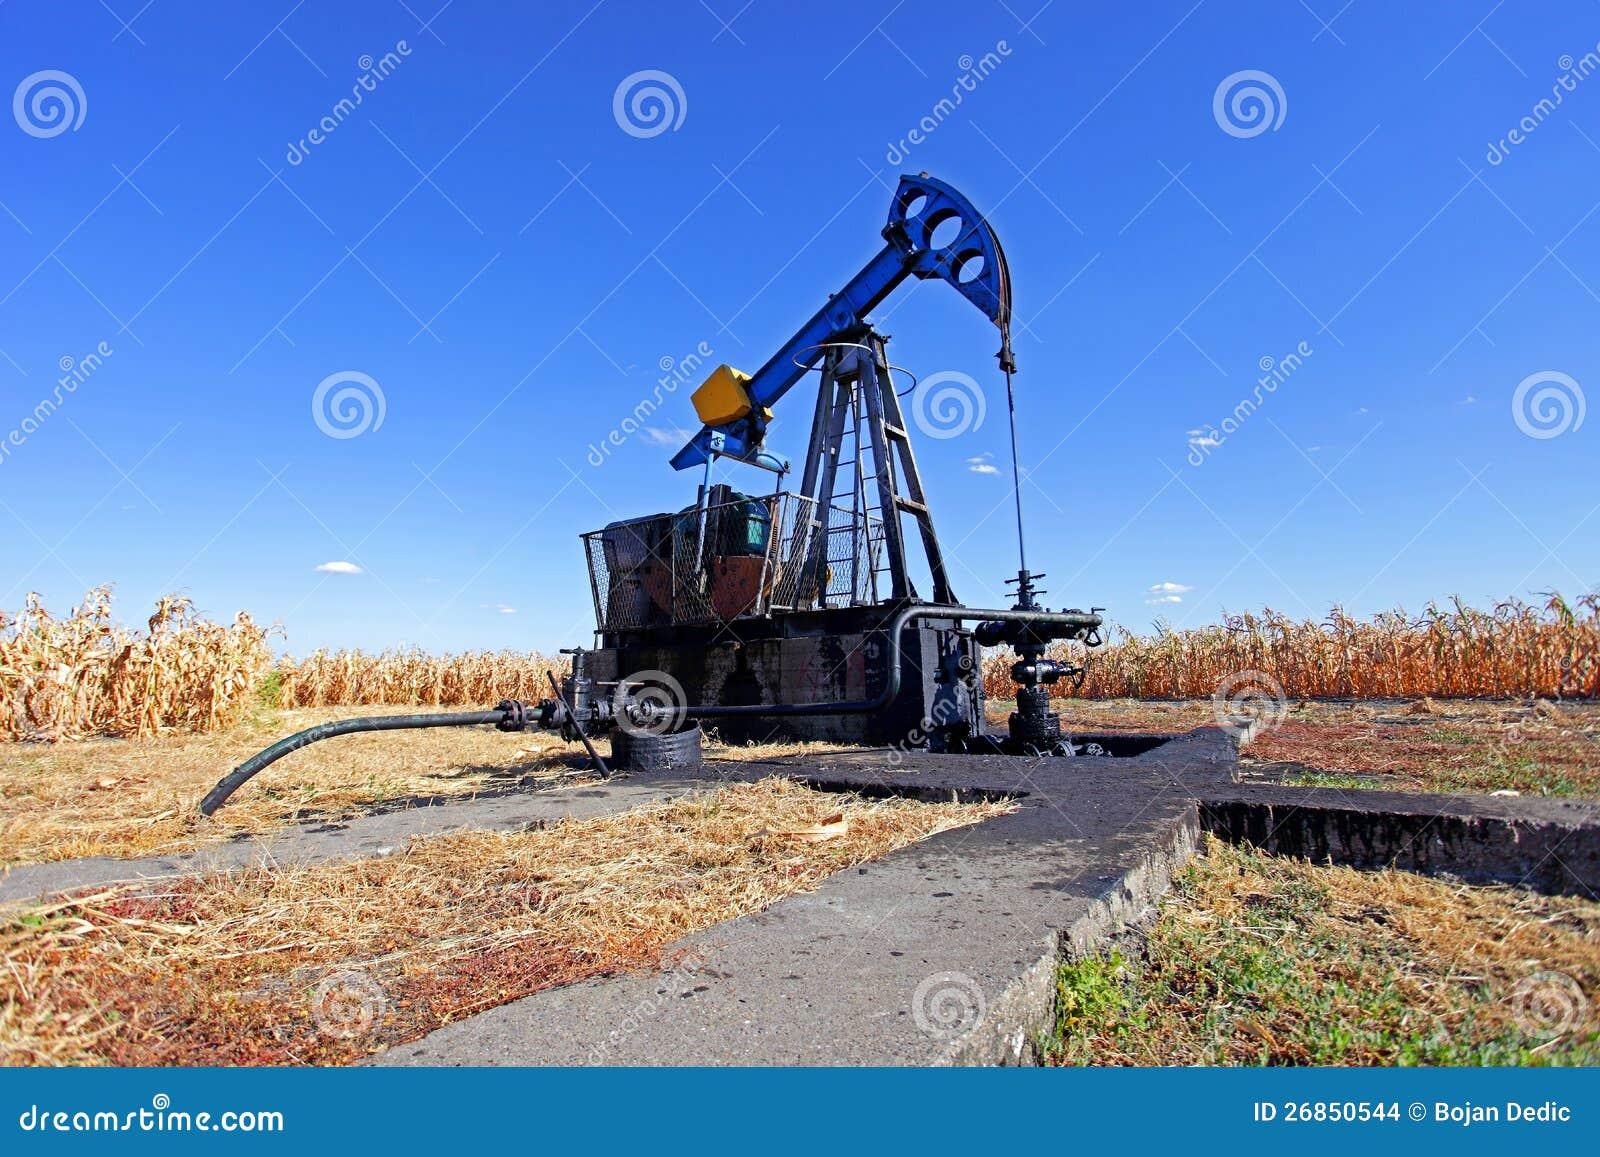 Oil well in the corn field